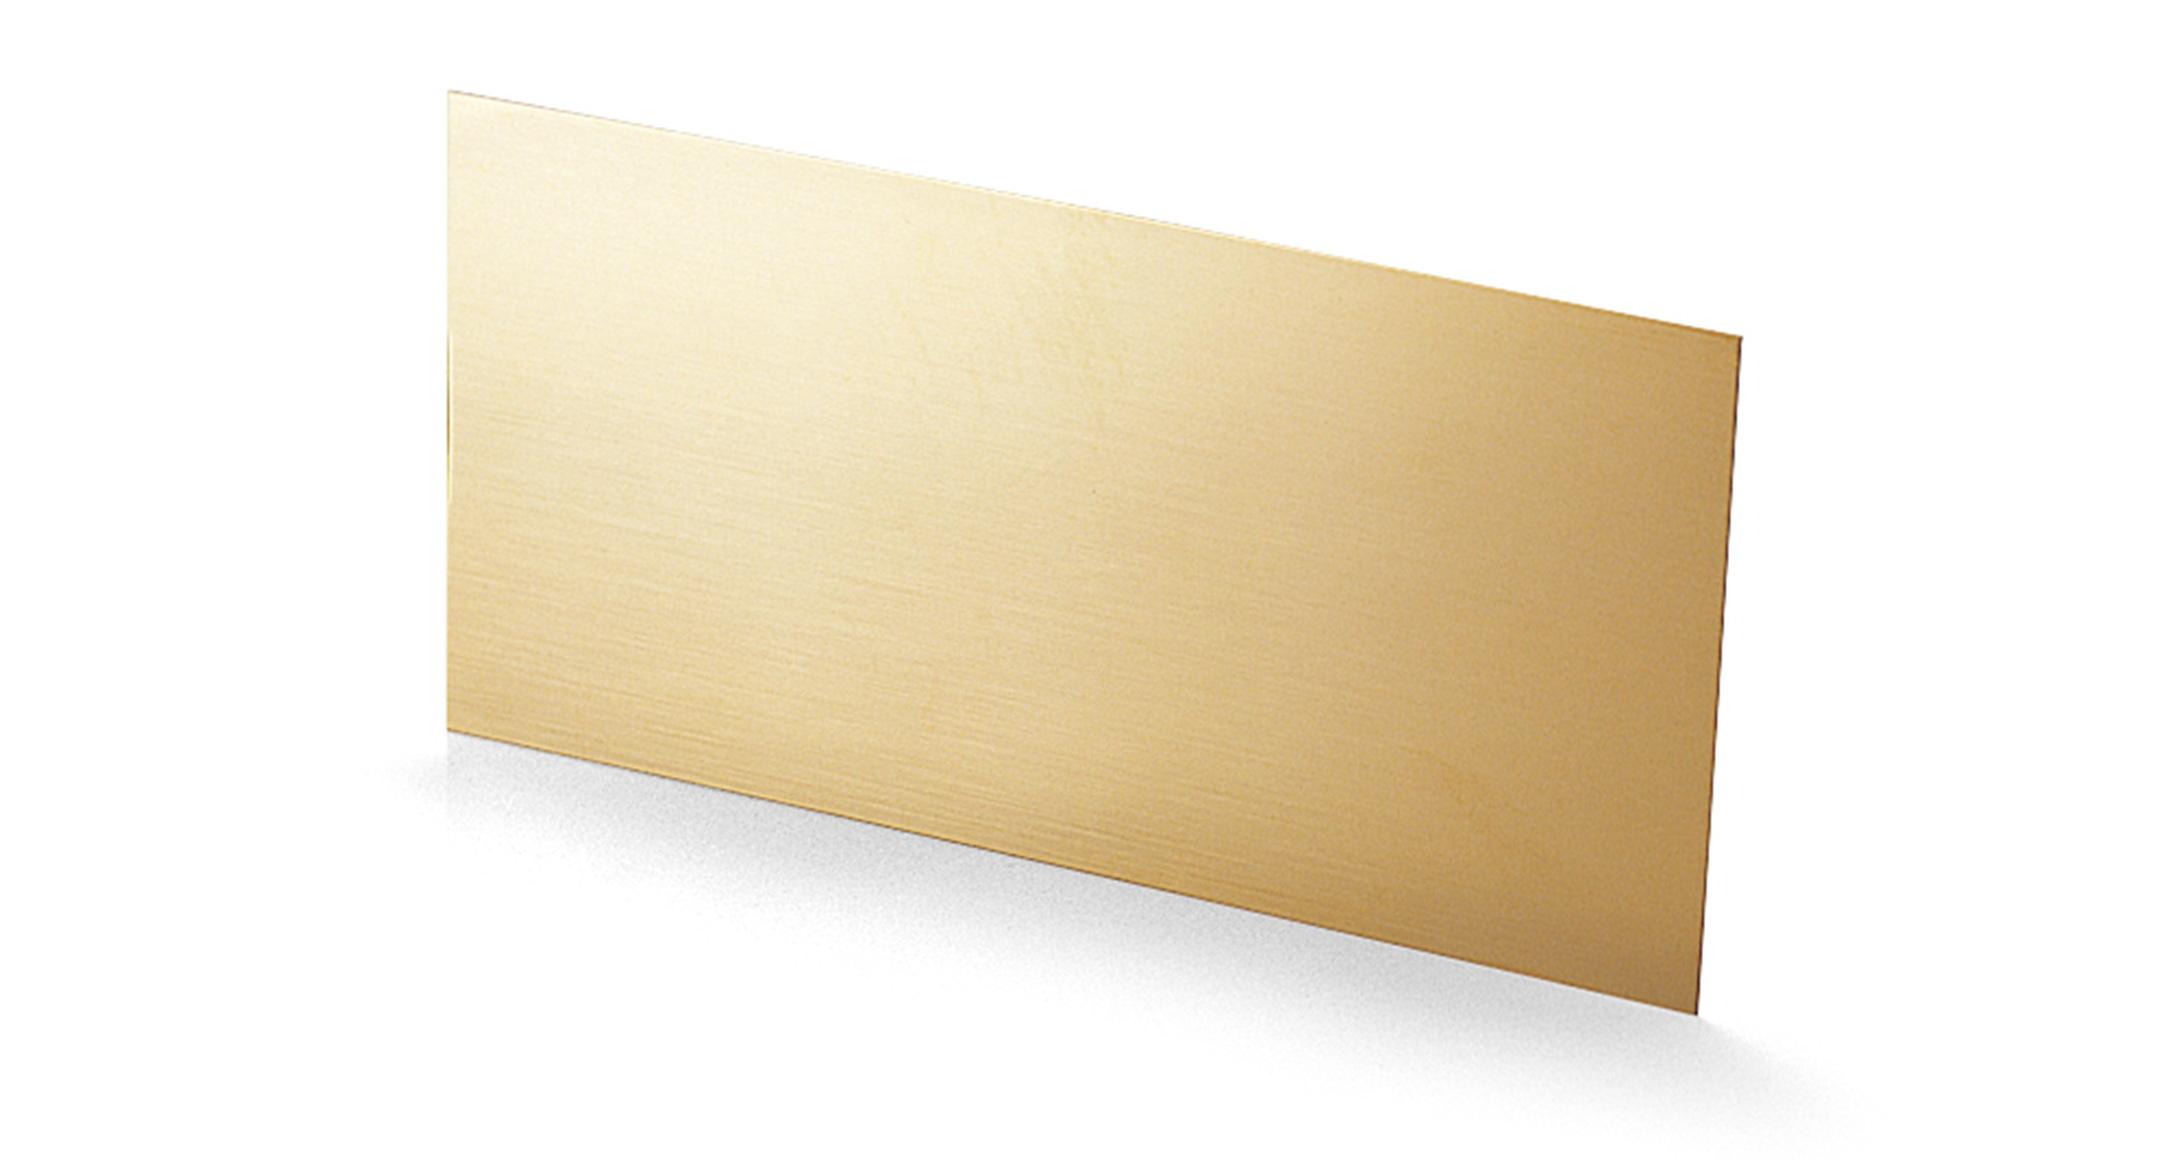 真ちゅう板 Sシリーズの画像